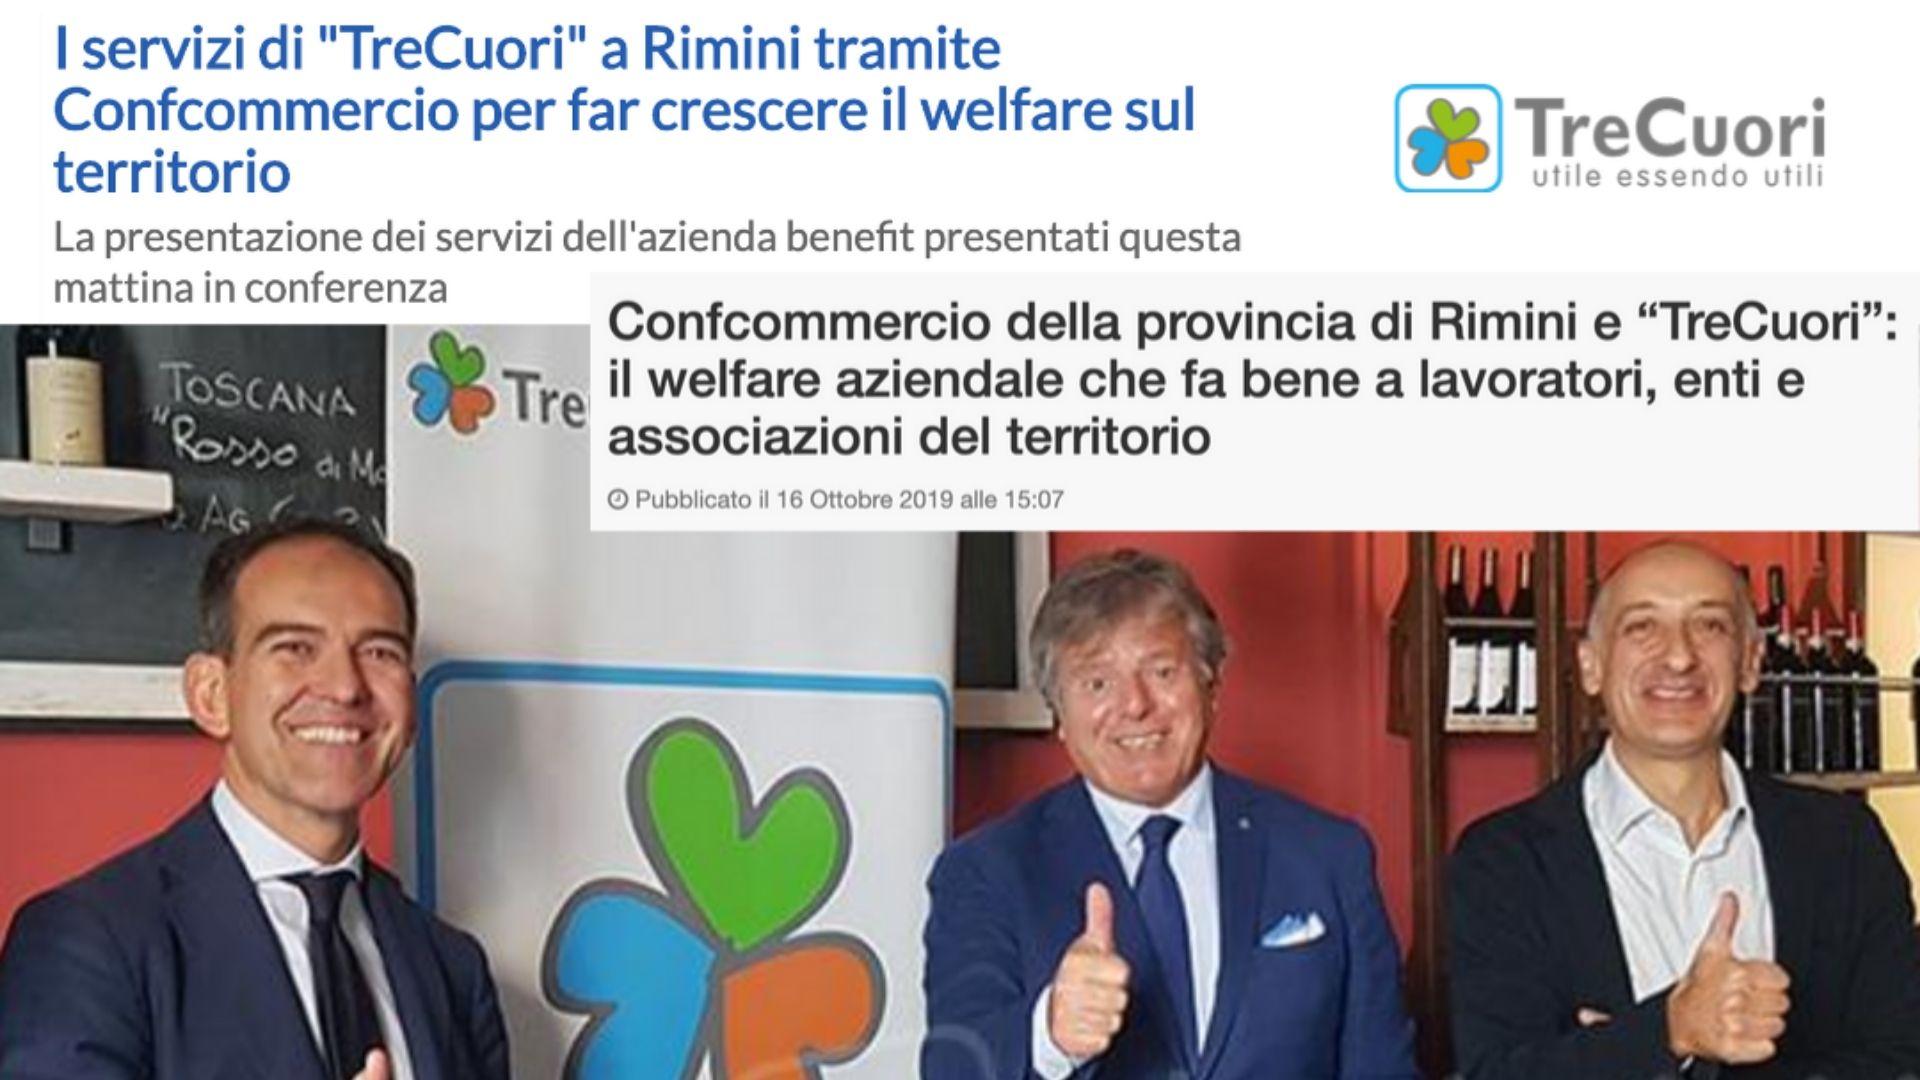 I servizi di TreCuori a Rimini con Confcommercio